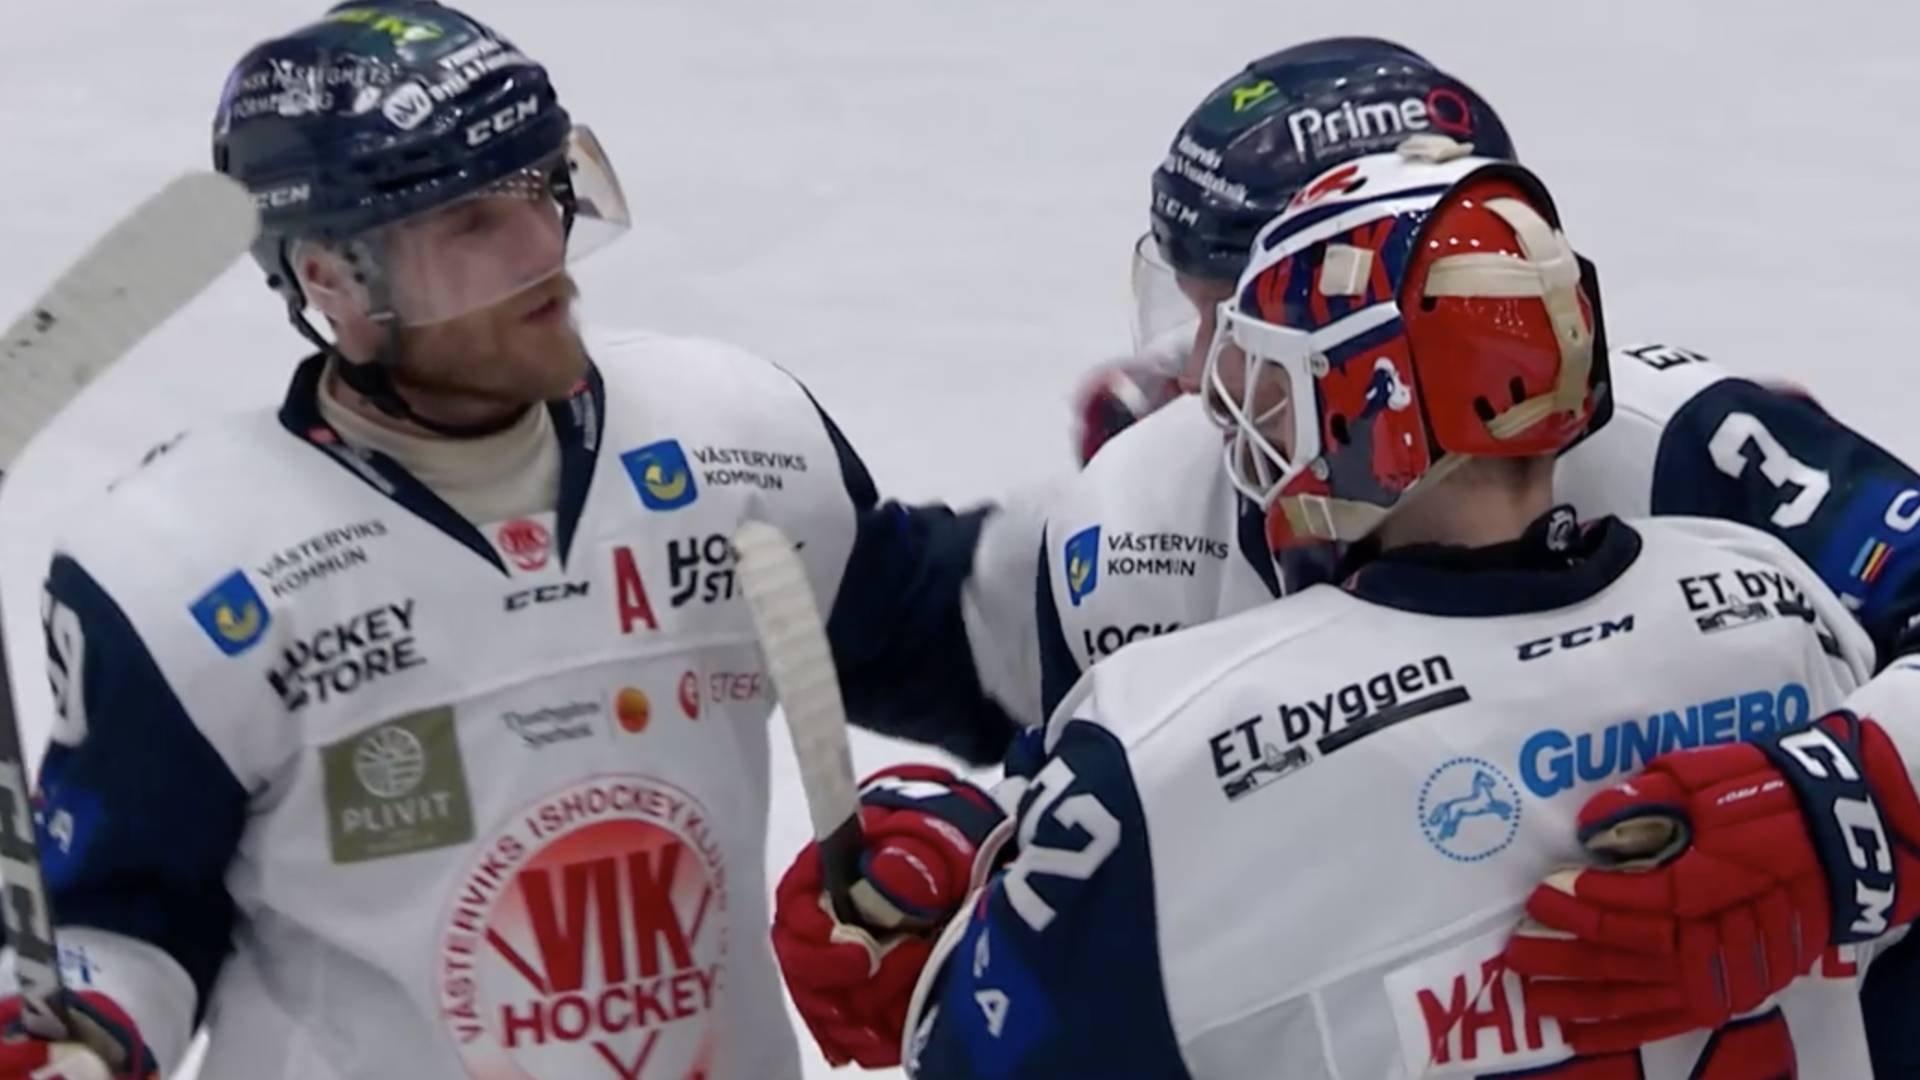 Highlights Timrå - Västervik semifinal fem